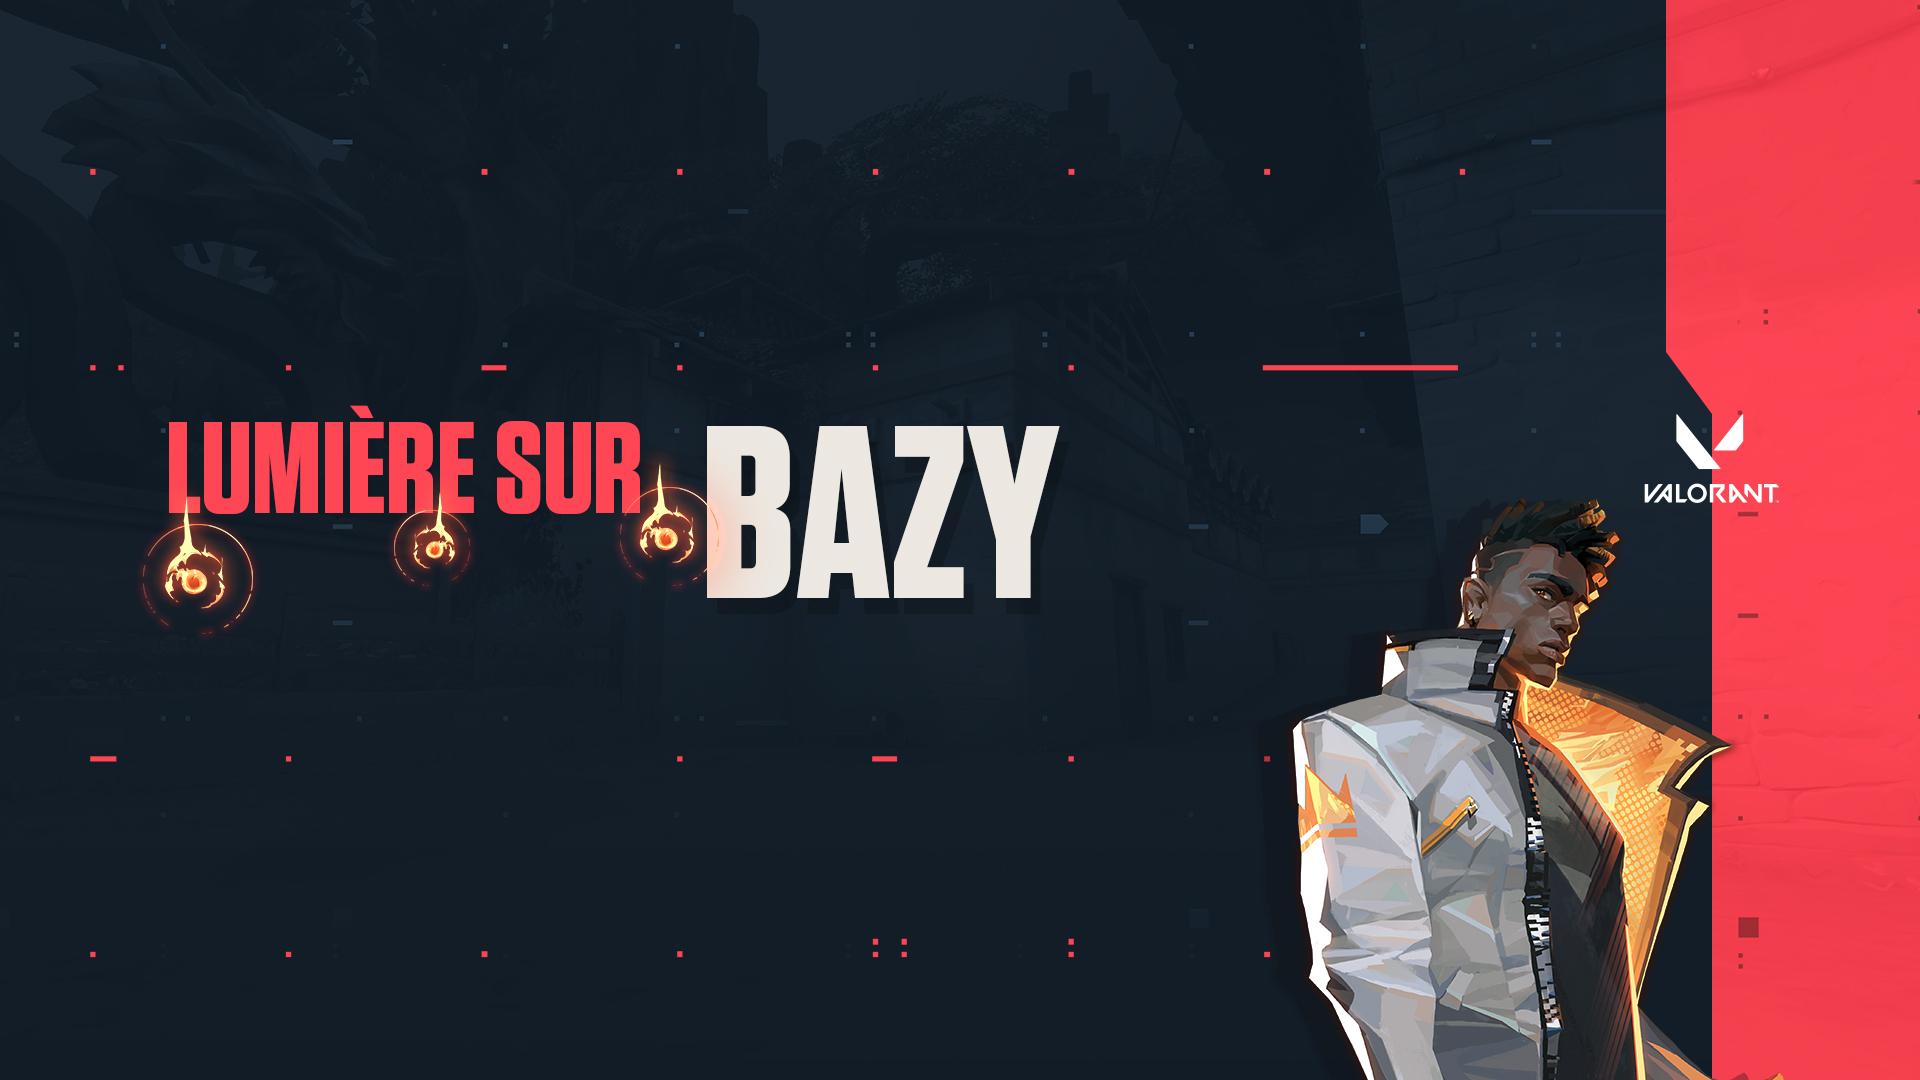 Bannière lumière sur bazy